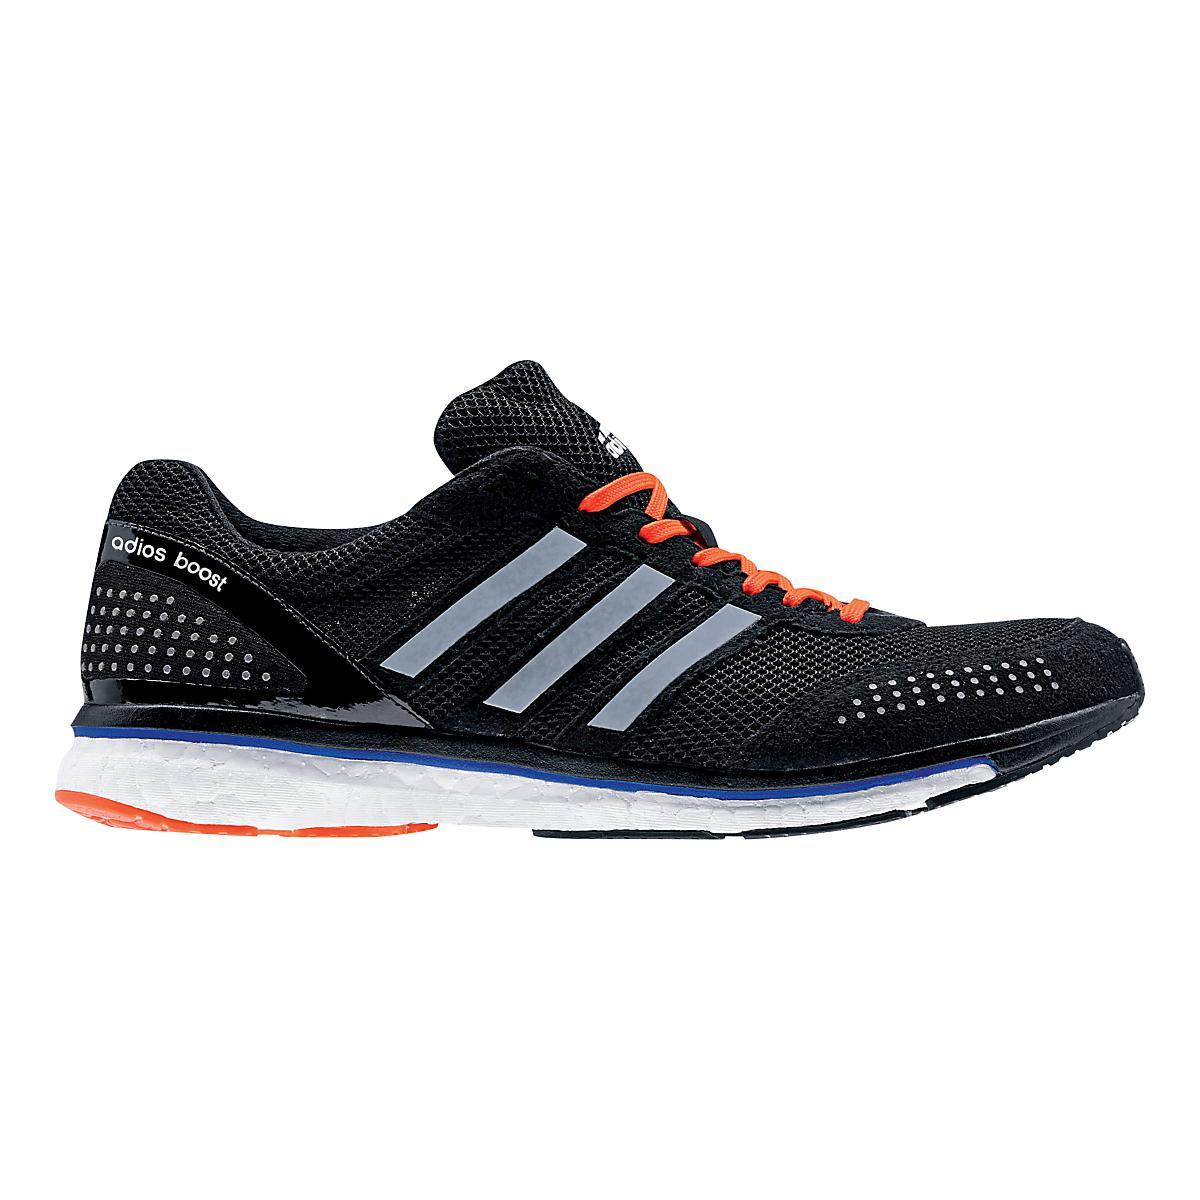 Adidas Adios | Adidas Zeros | Adidas Adizero Adios 2 Running Shoes